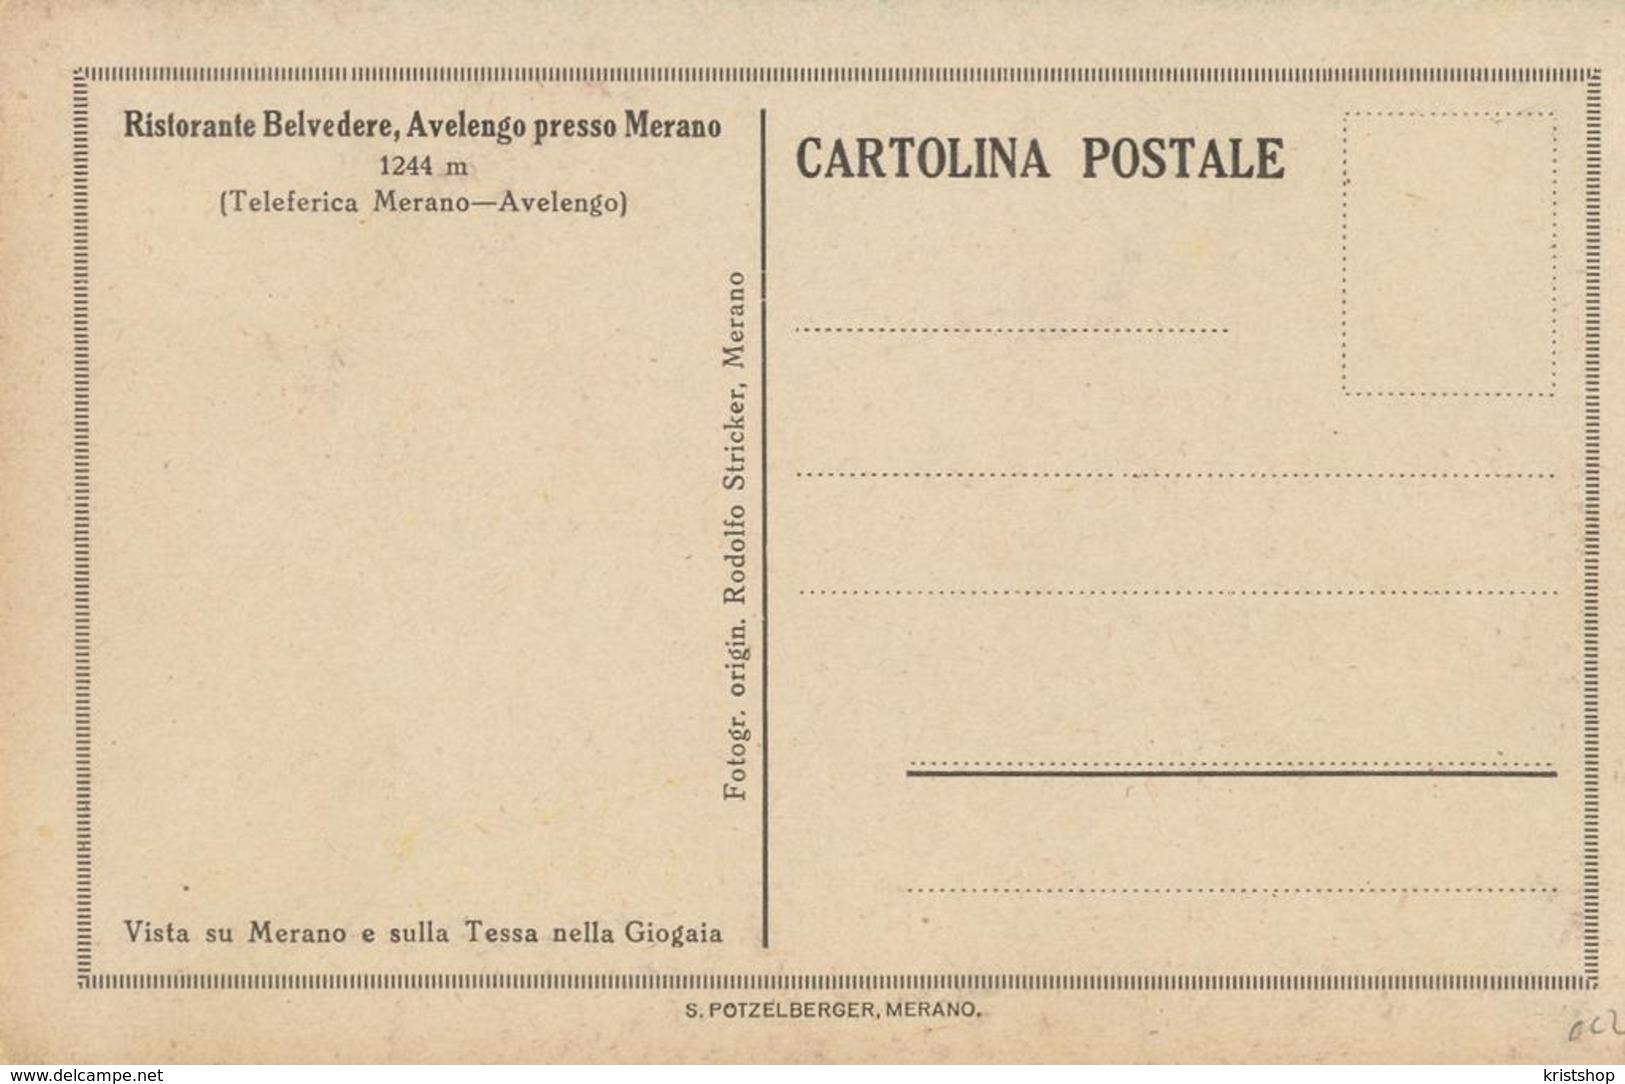 Merano - Ristorante Avenlengo Presse Merano [AA20-2.002 - Italie